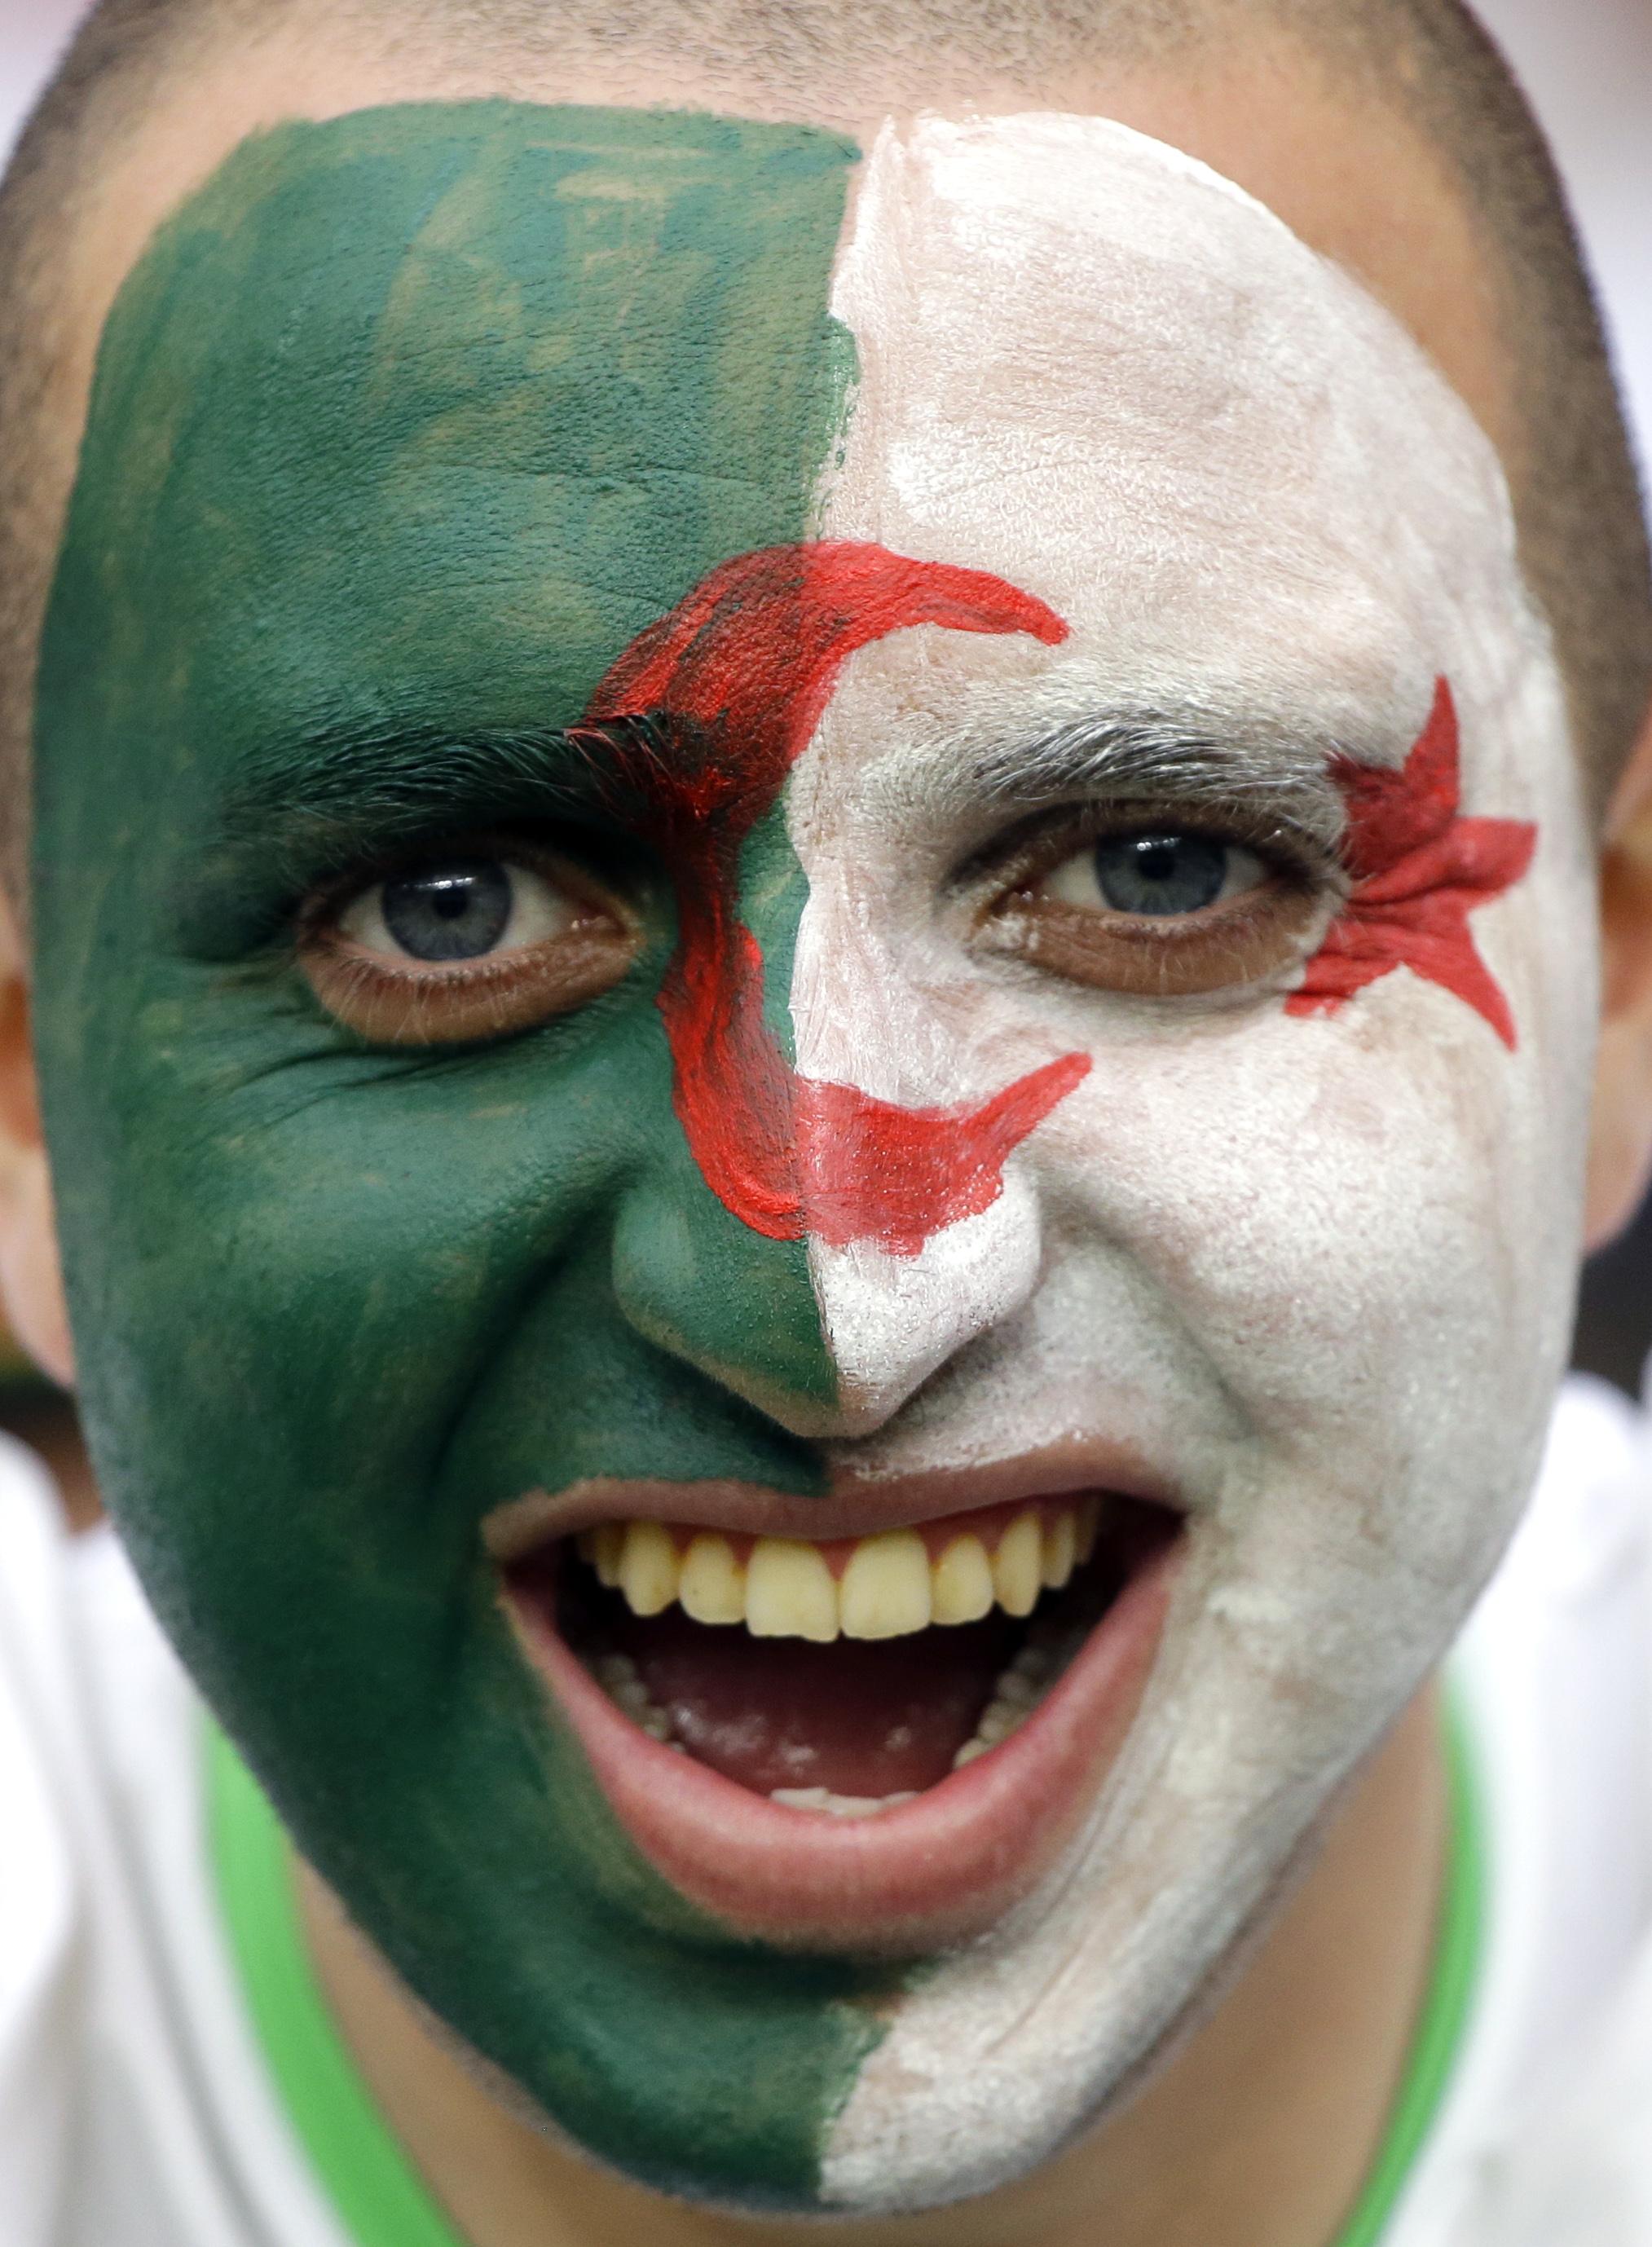 Algeria Coppa lunedì 31 dicembre. In Algeria si chiudono i 16esimi di finale di coppa, la seconda manifestazione più importante del paese nordafricano. Di gioca in gara secca